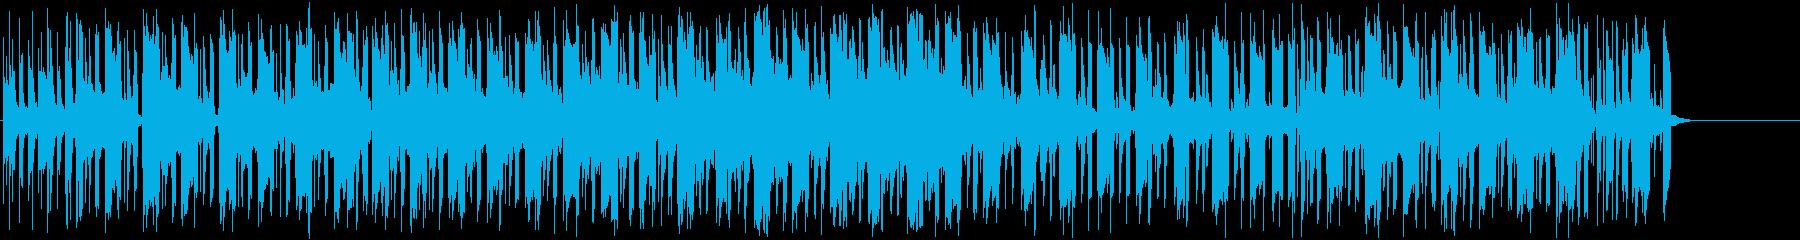 レゲエ 南国 リゾート 海 のんびりの再生済みの波形